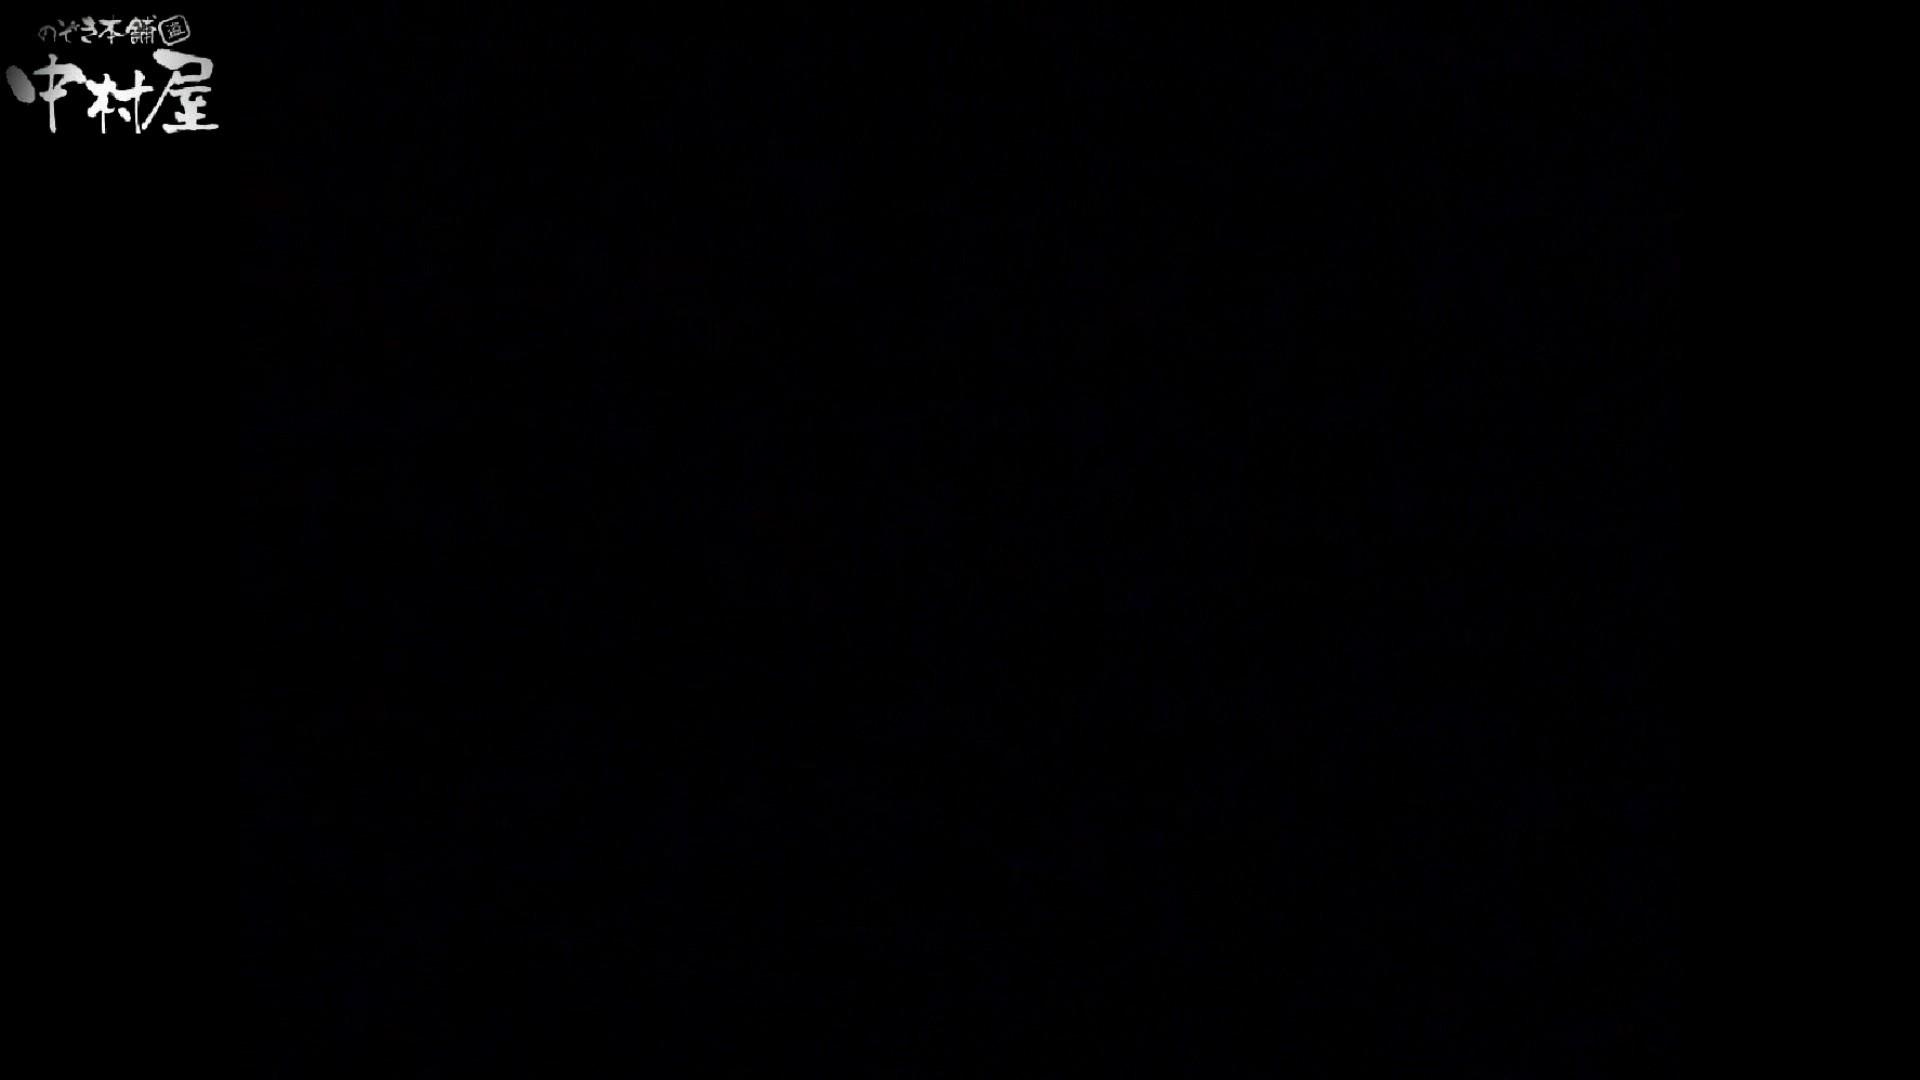 民家風呂専門盗撮師の超危険映像 vol.012 盗撮特撮 AV動画キャプチャ 10pic 8